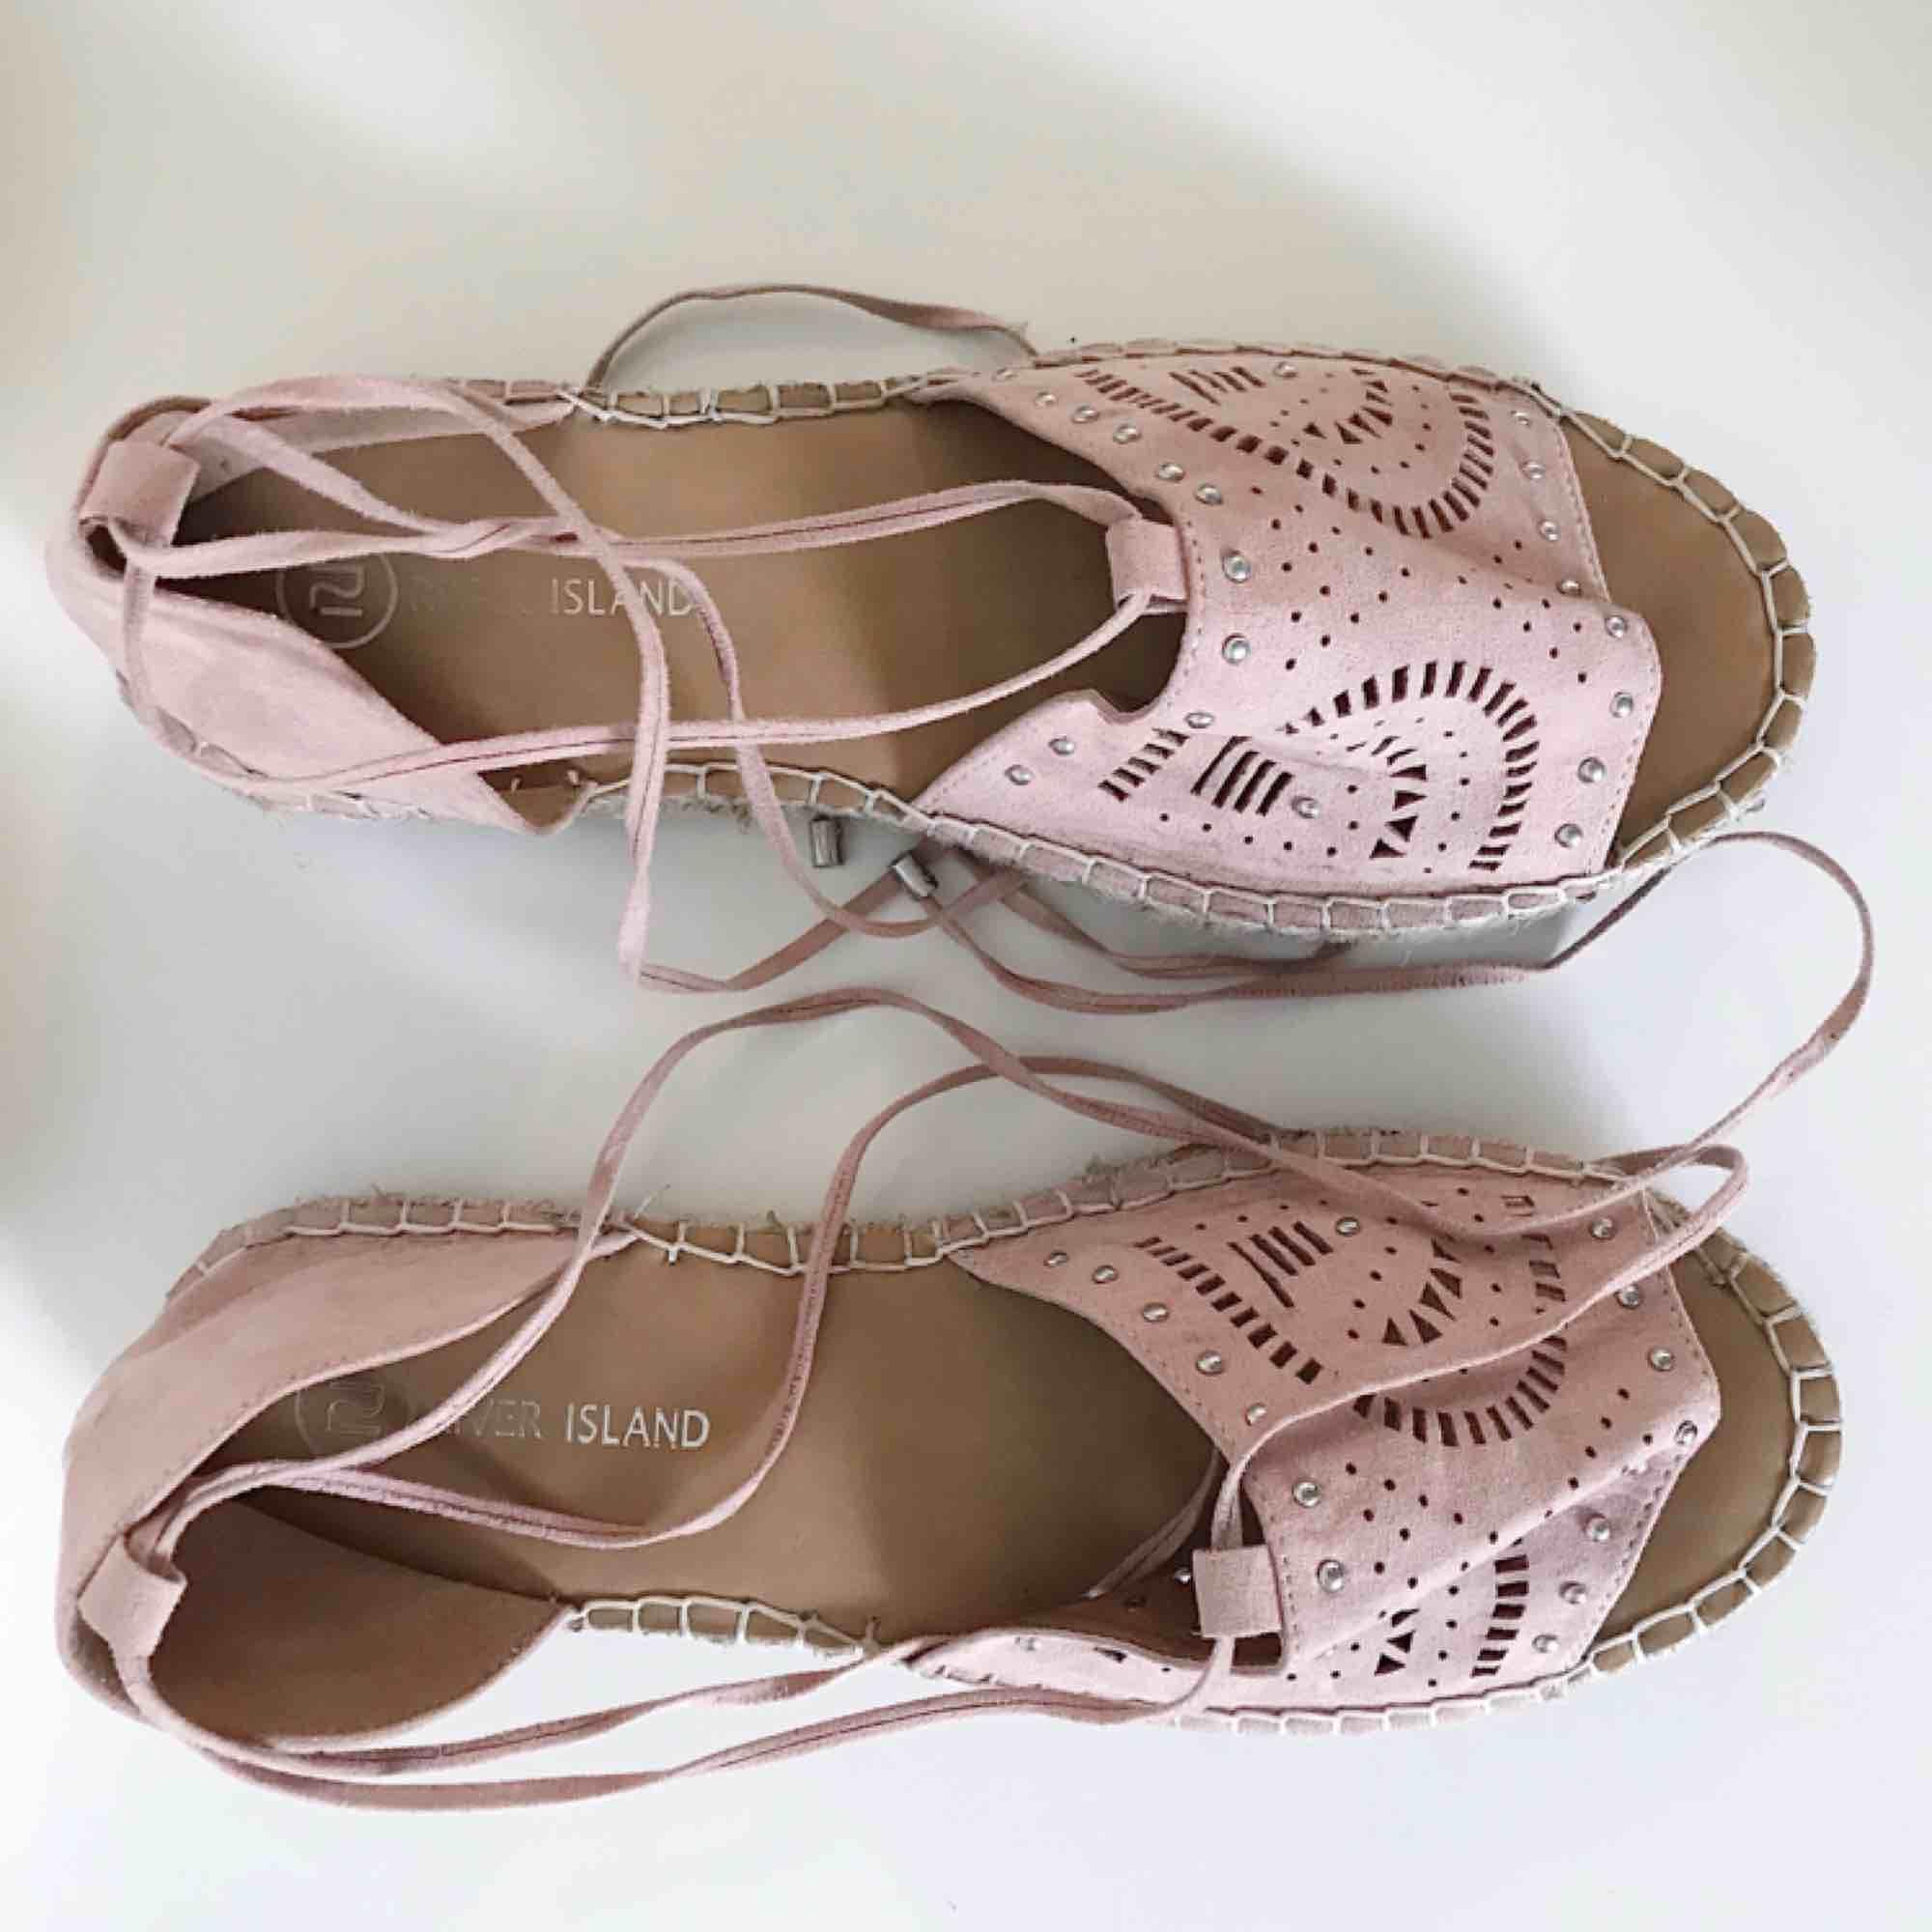 8ad0add665e ... Supersnygga sandaler i oanvänt skick från River Island. Sköna och  grymma för de svalare dagarna